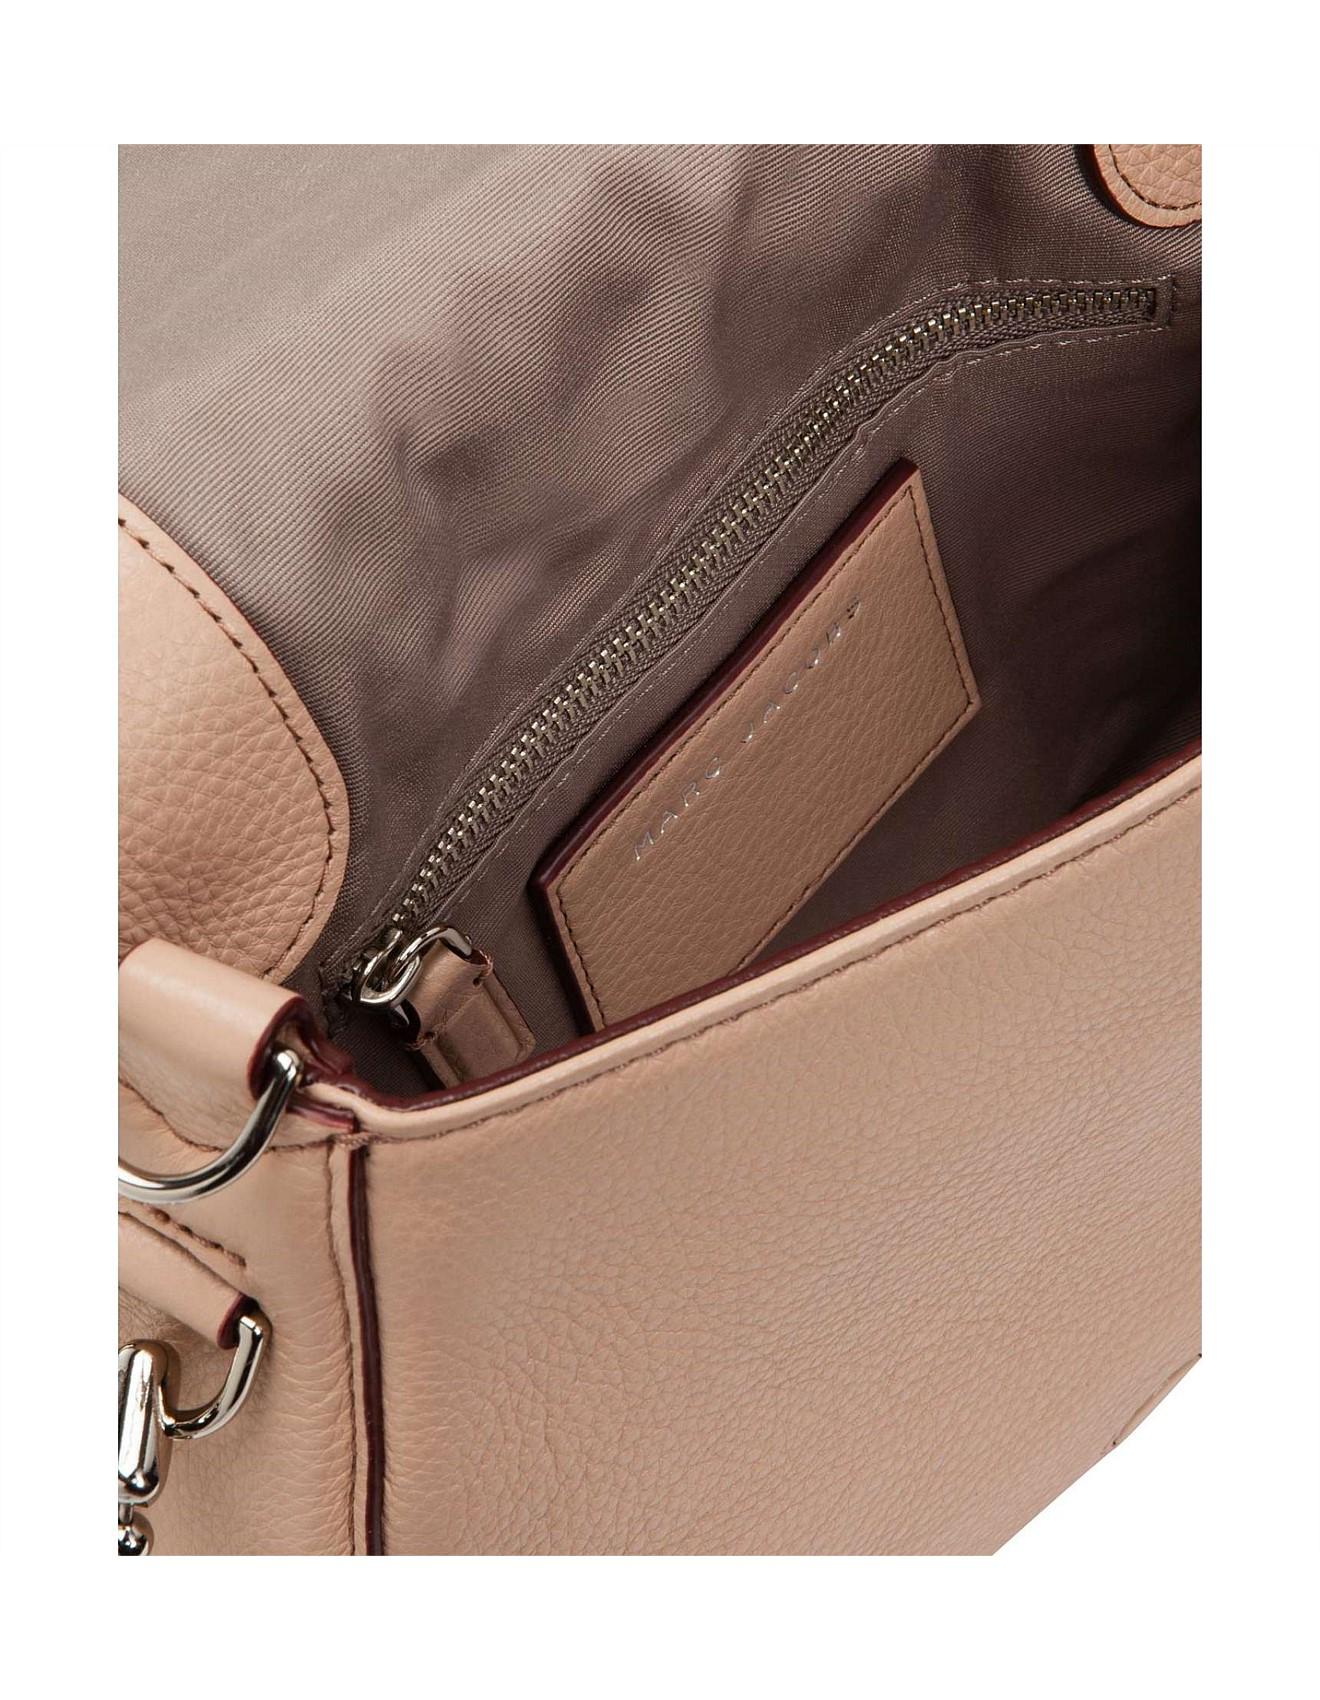 8d238efa3 Recruit Nomad Small Saddle Bag. 1